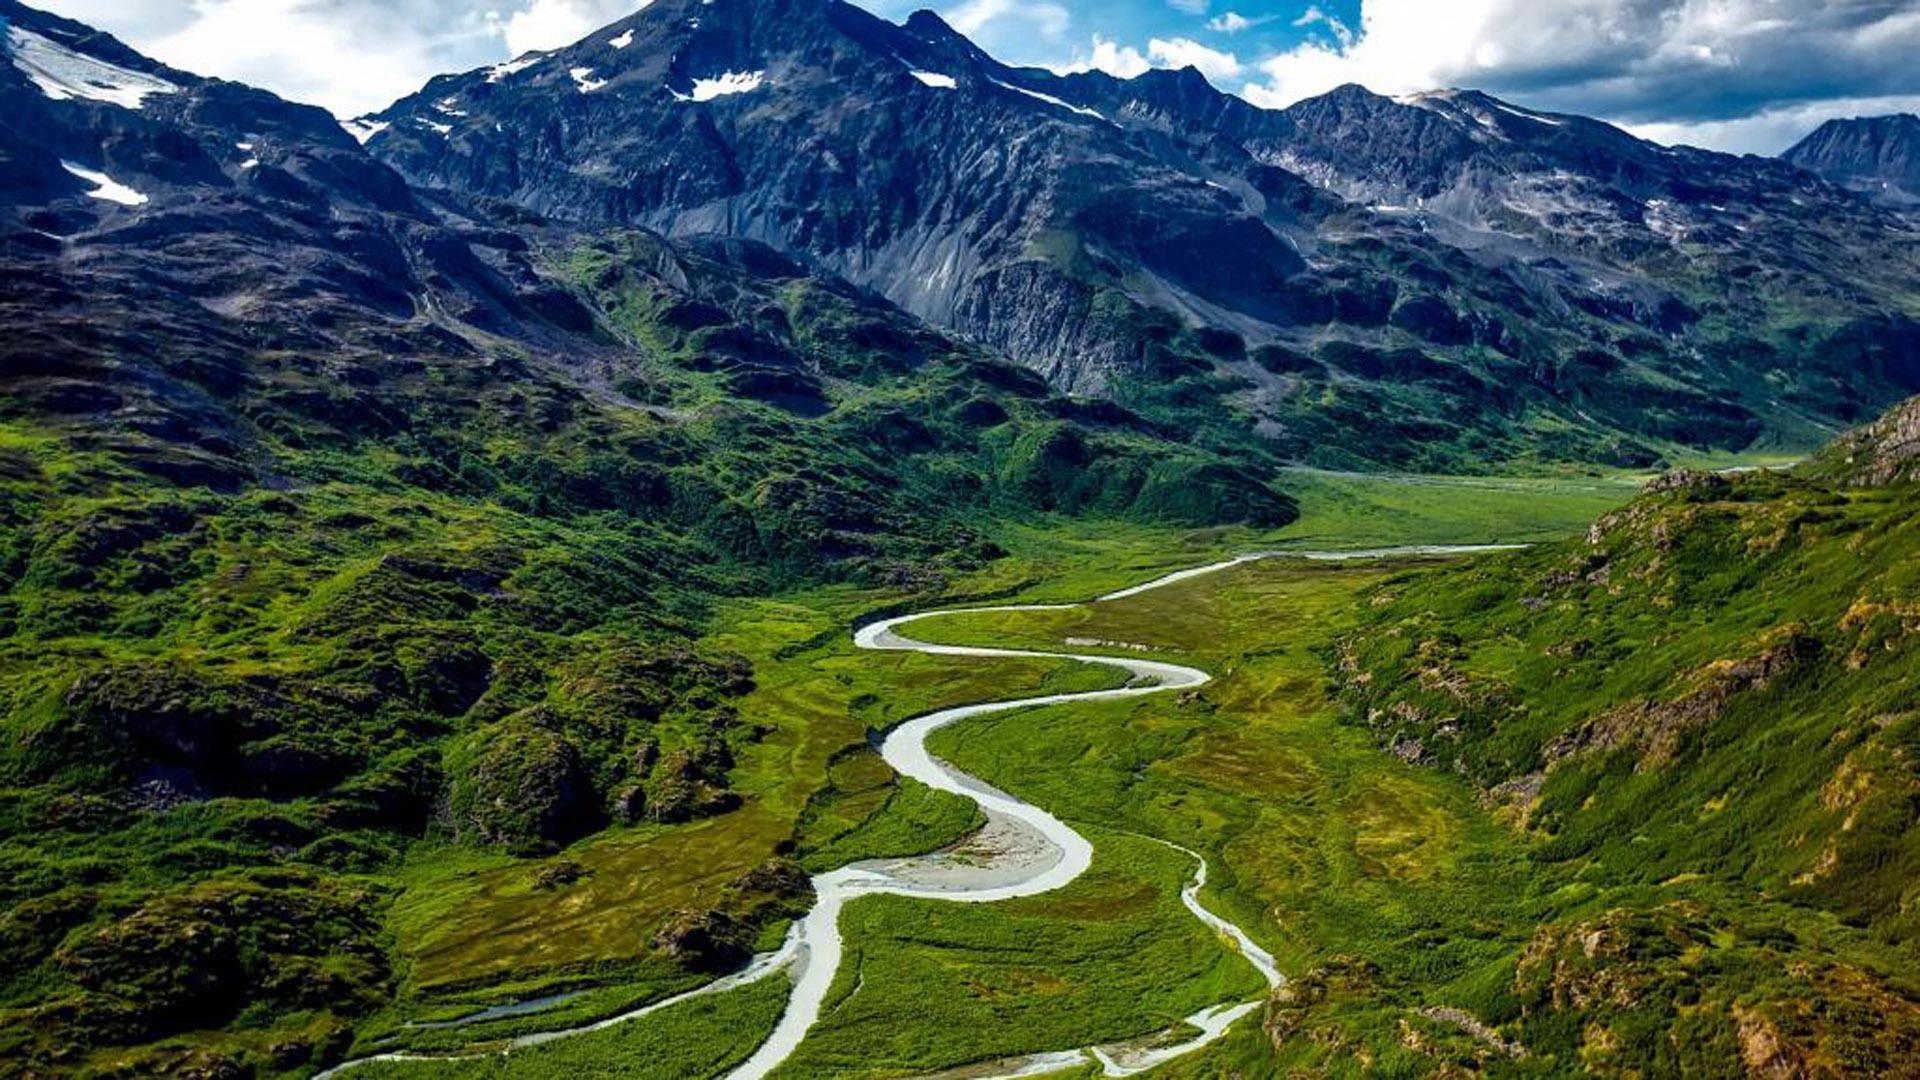 阿拉斯加山脉风景图片桌面壁纸